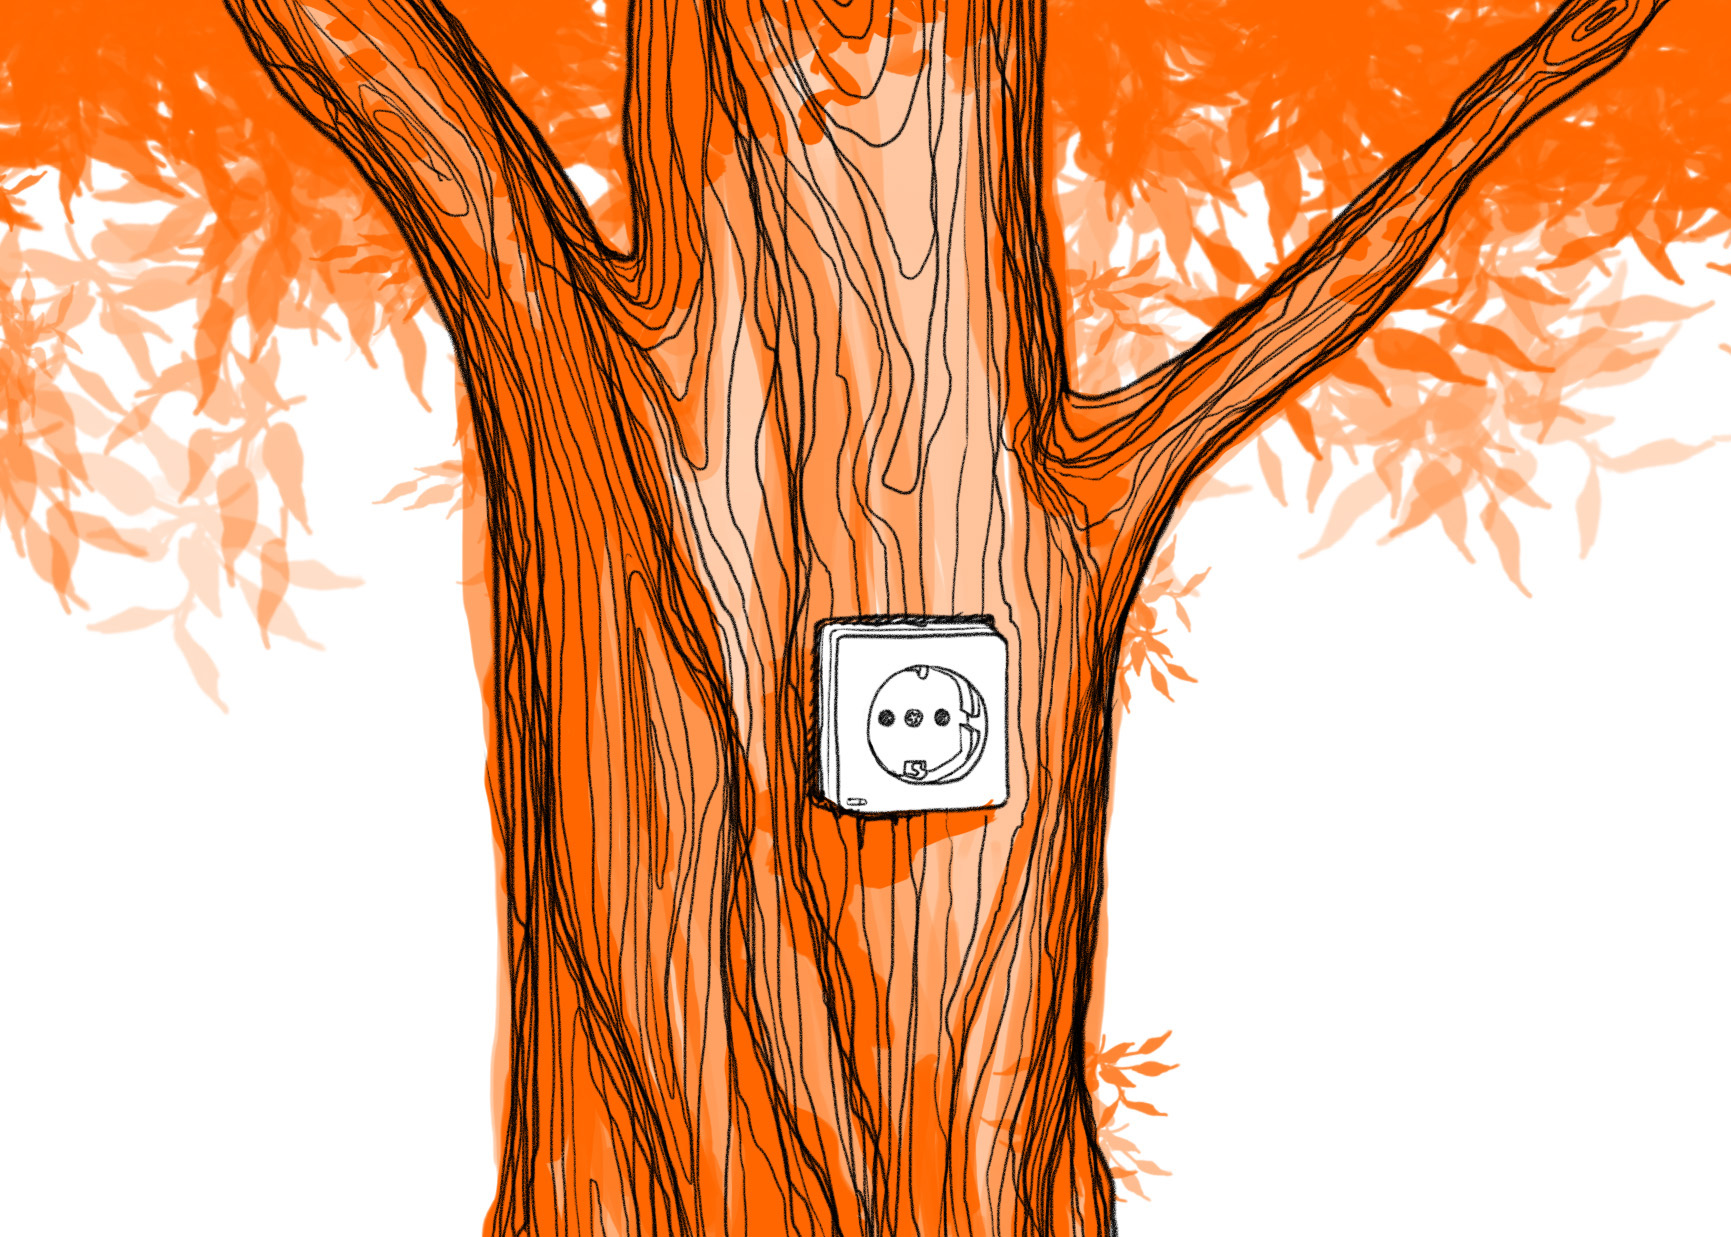 Baum mit Steckdose